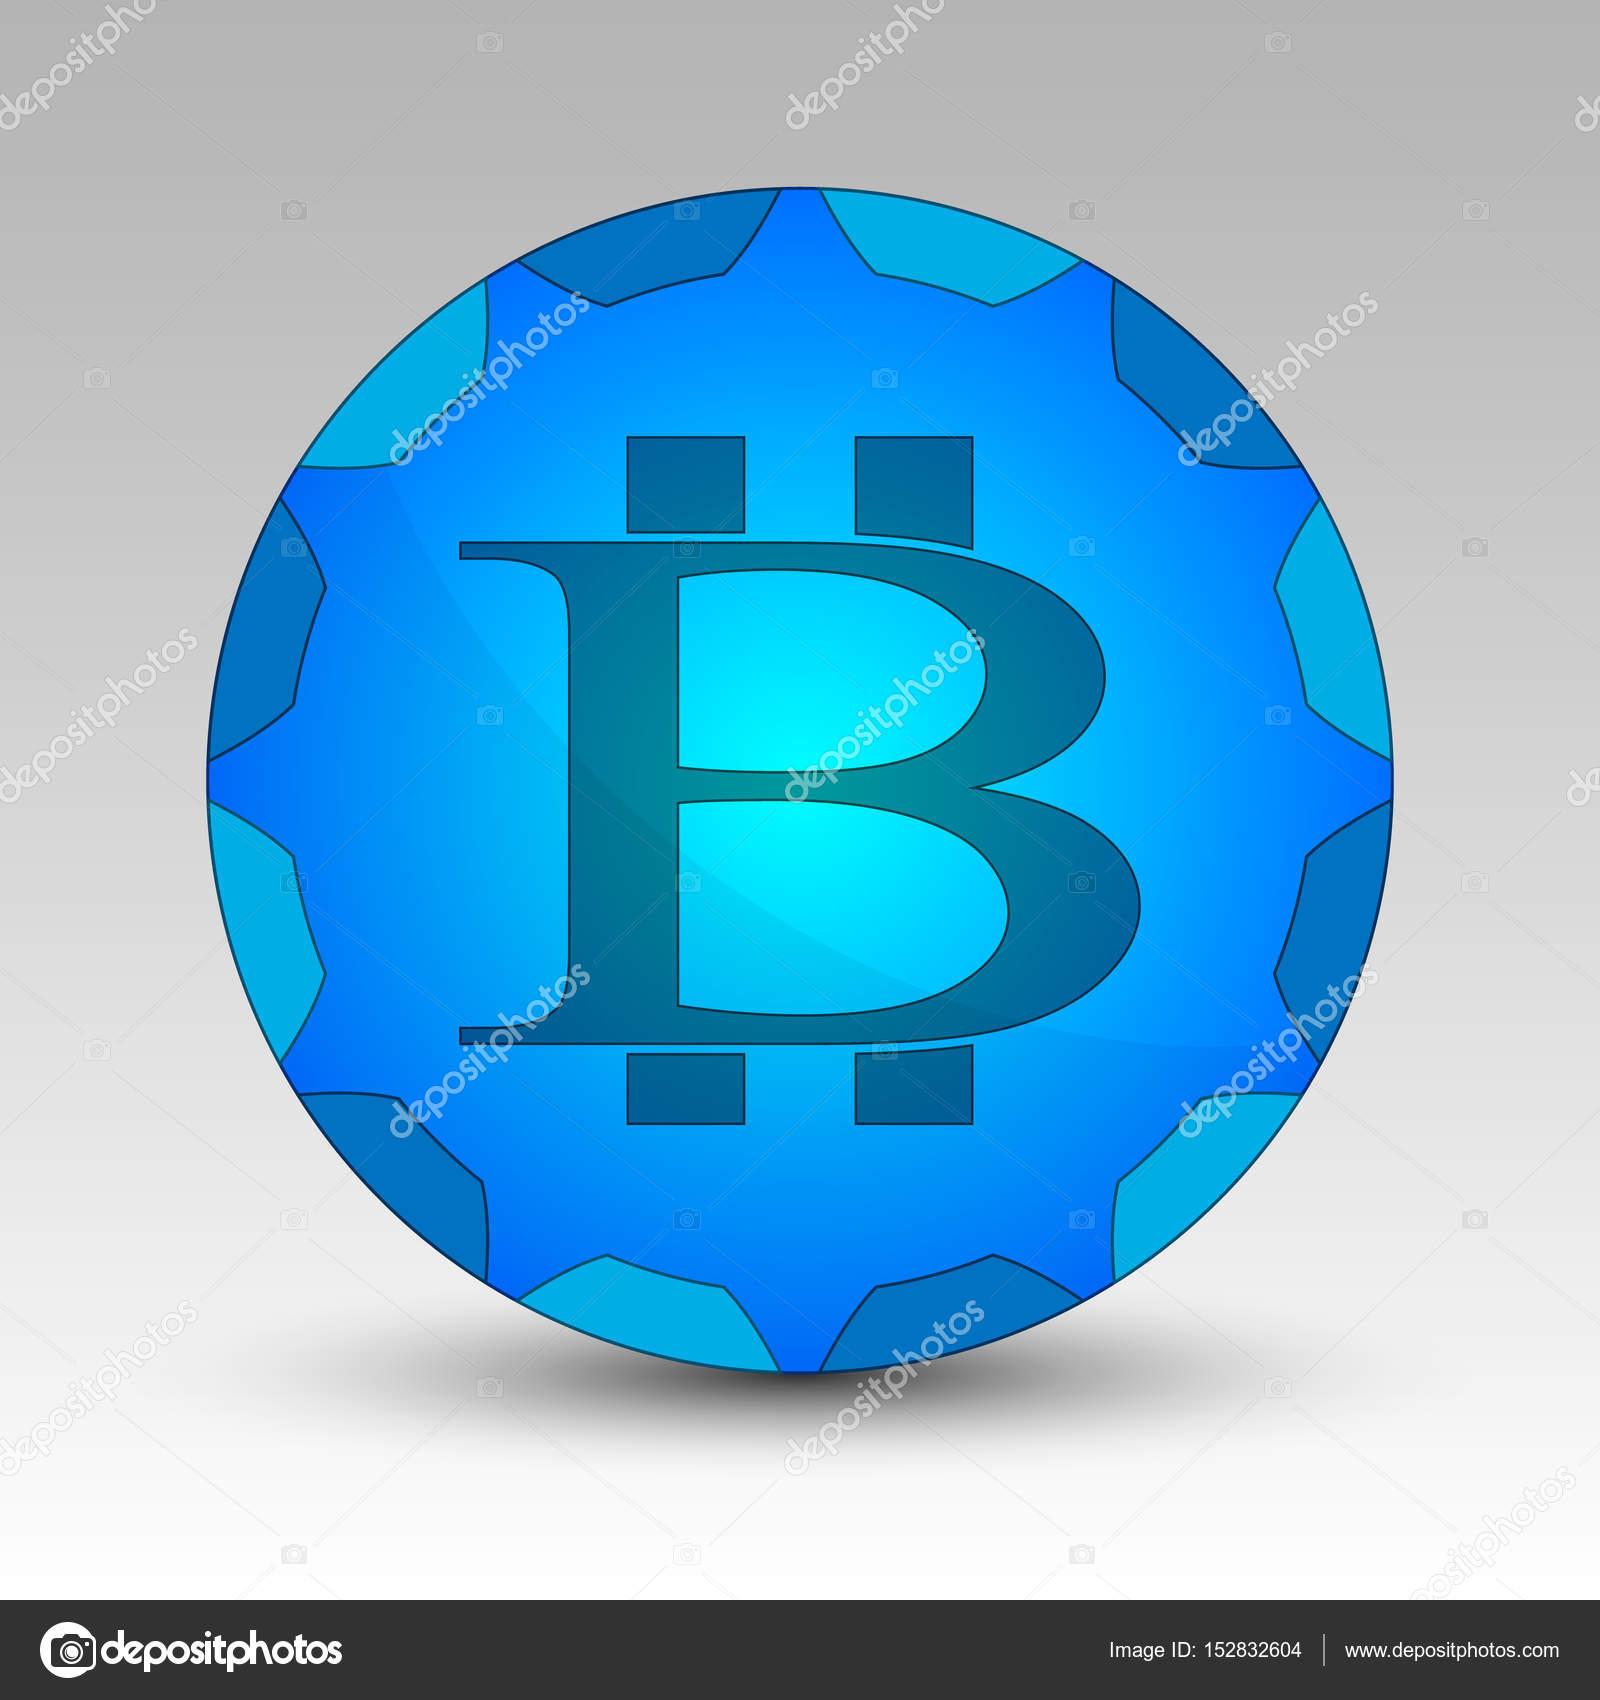 Crculo azul com sinal de bitcoin vetores de stock rzliukail crculo azul com sinal de bitcoin vetores de stock ccuart Choice Image